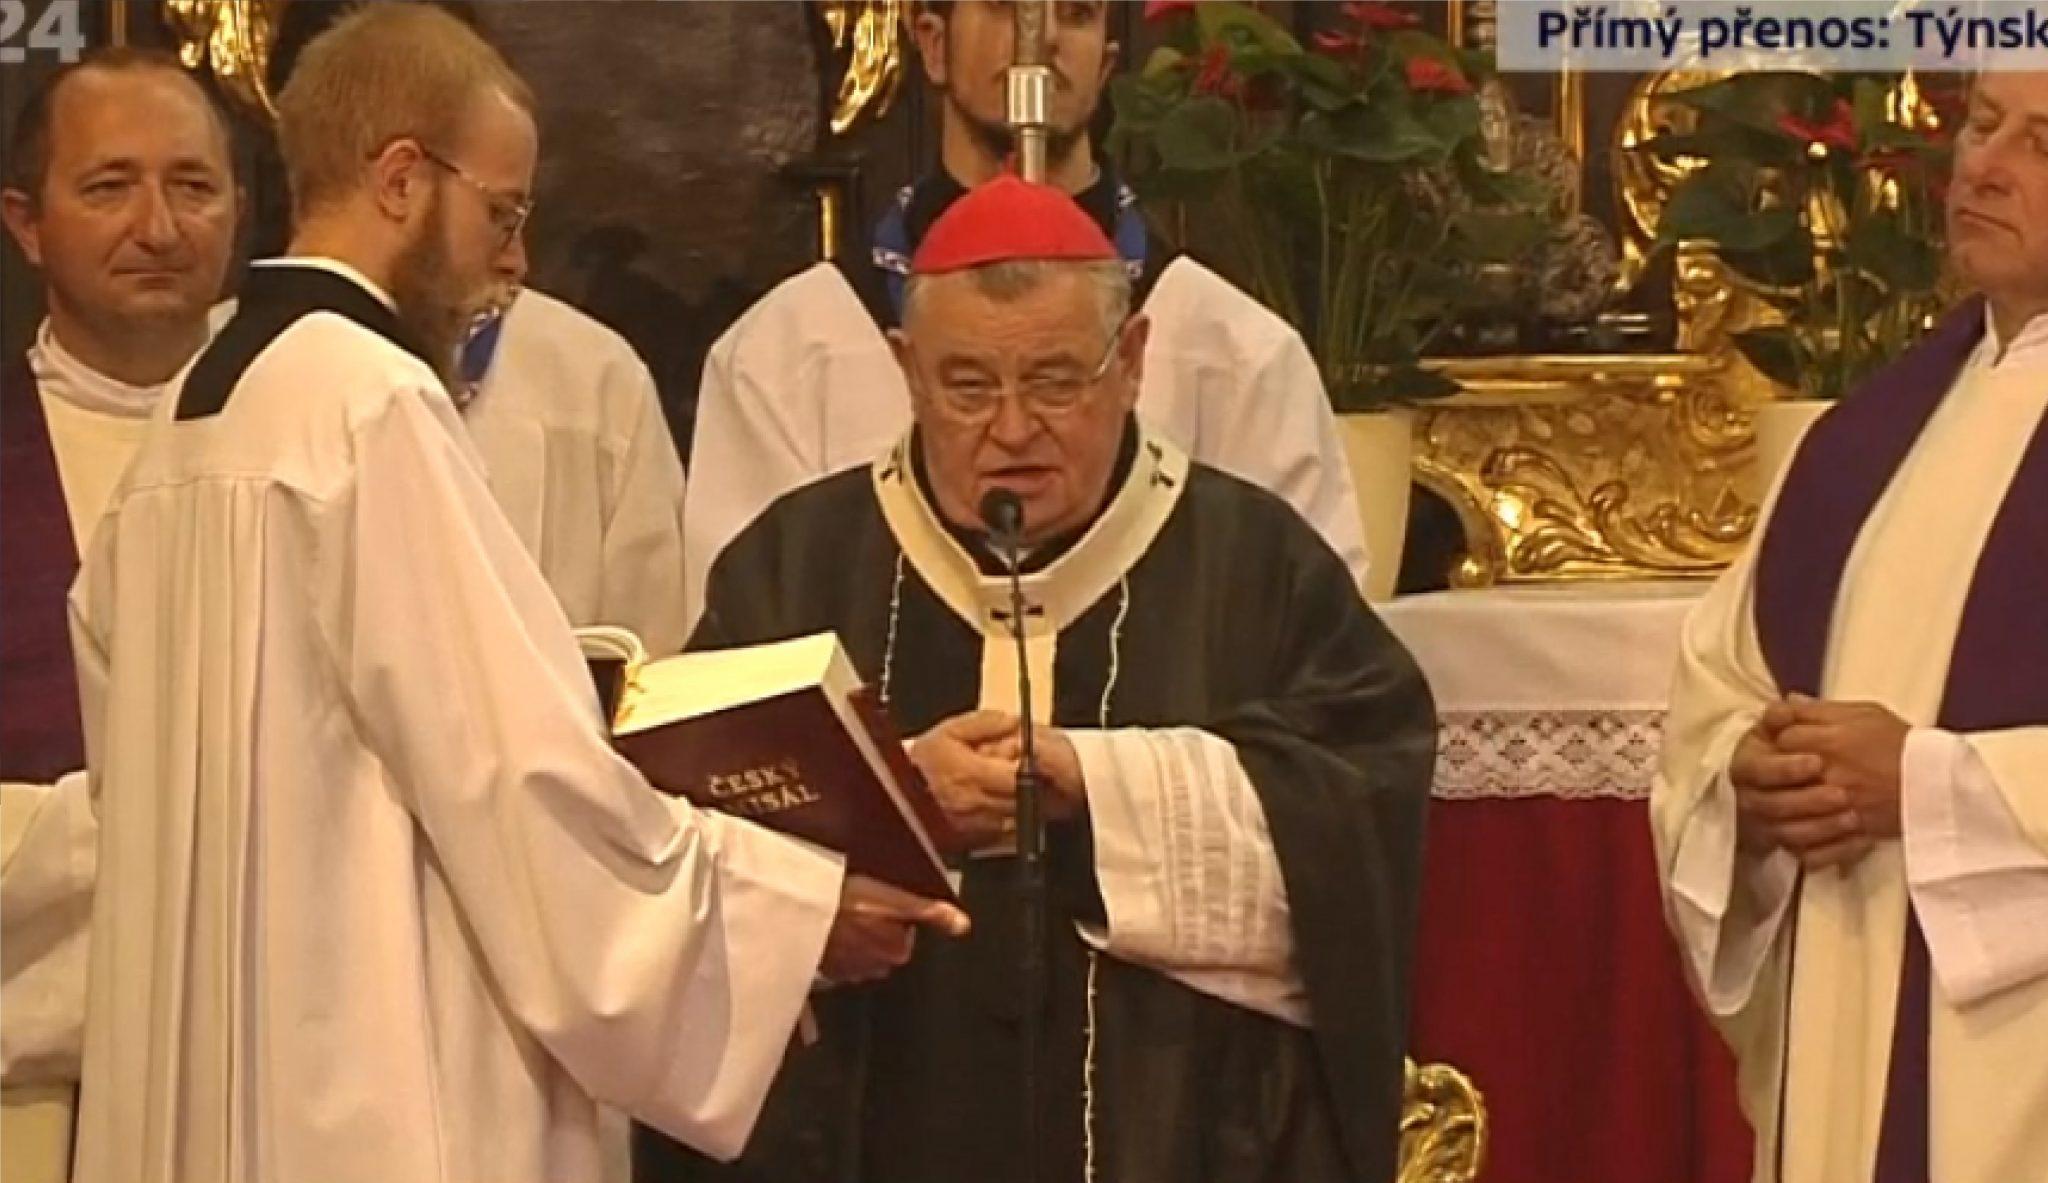 Kardinál Dominik Duka vede pohřební obřady v Týnském chrámu. (ČT)